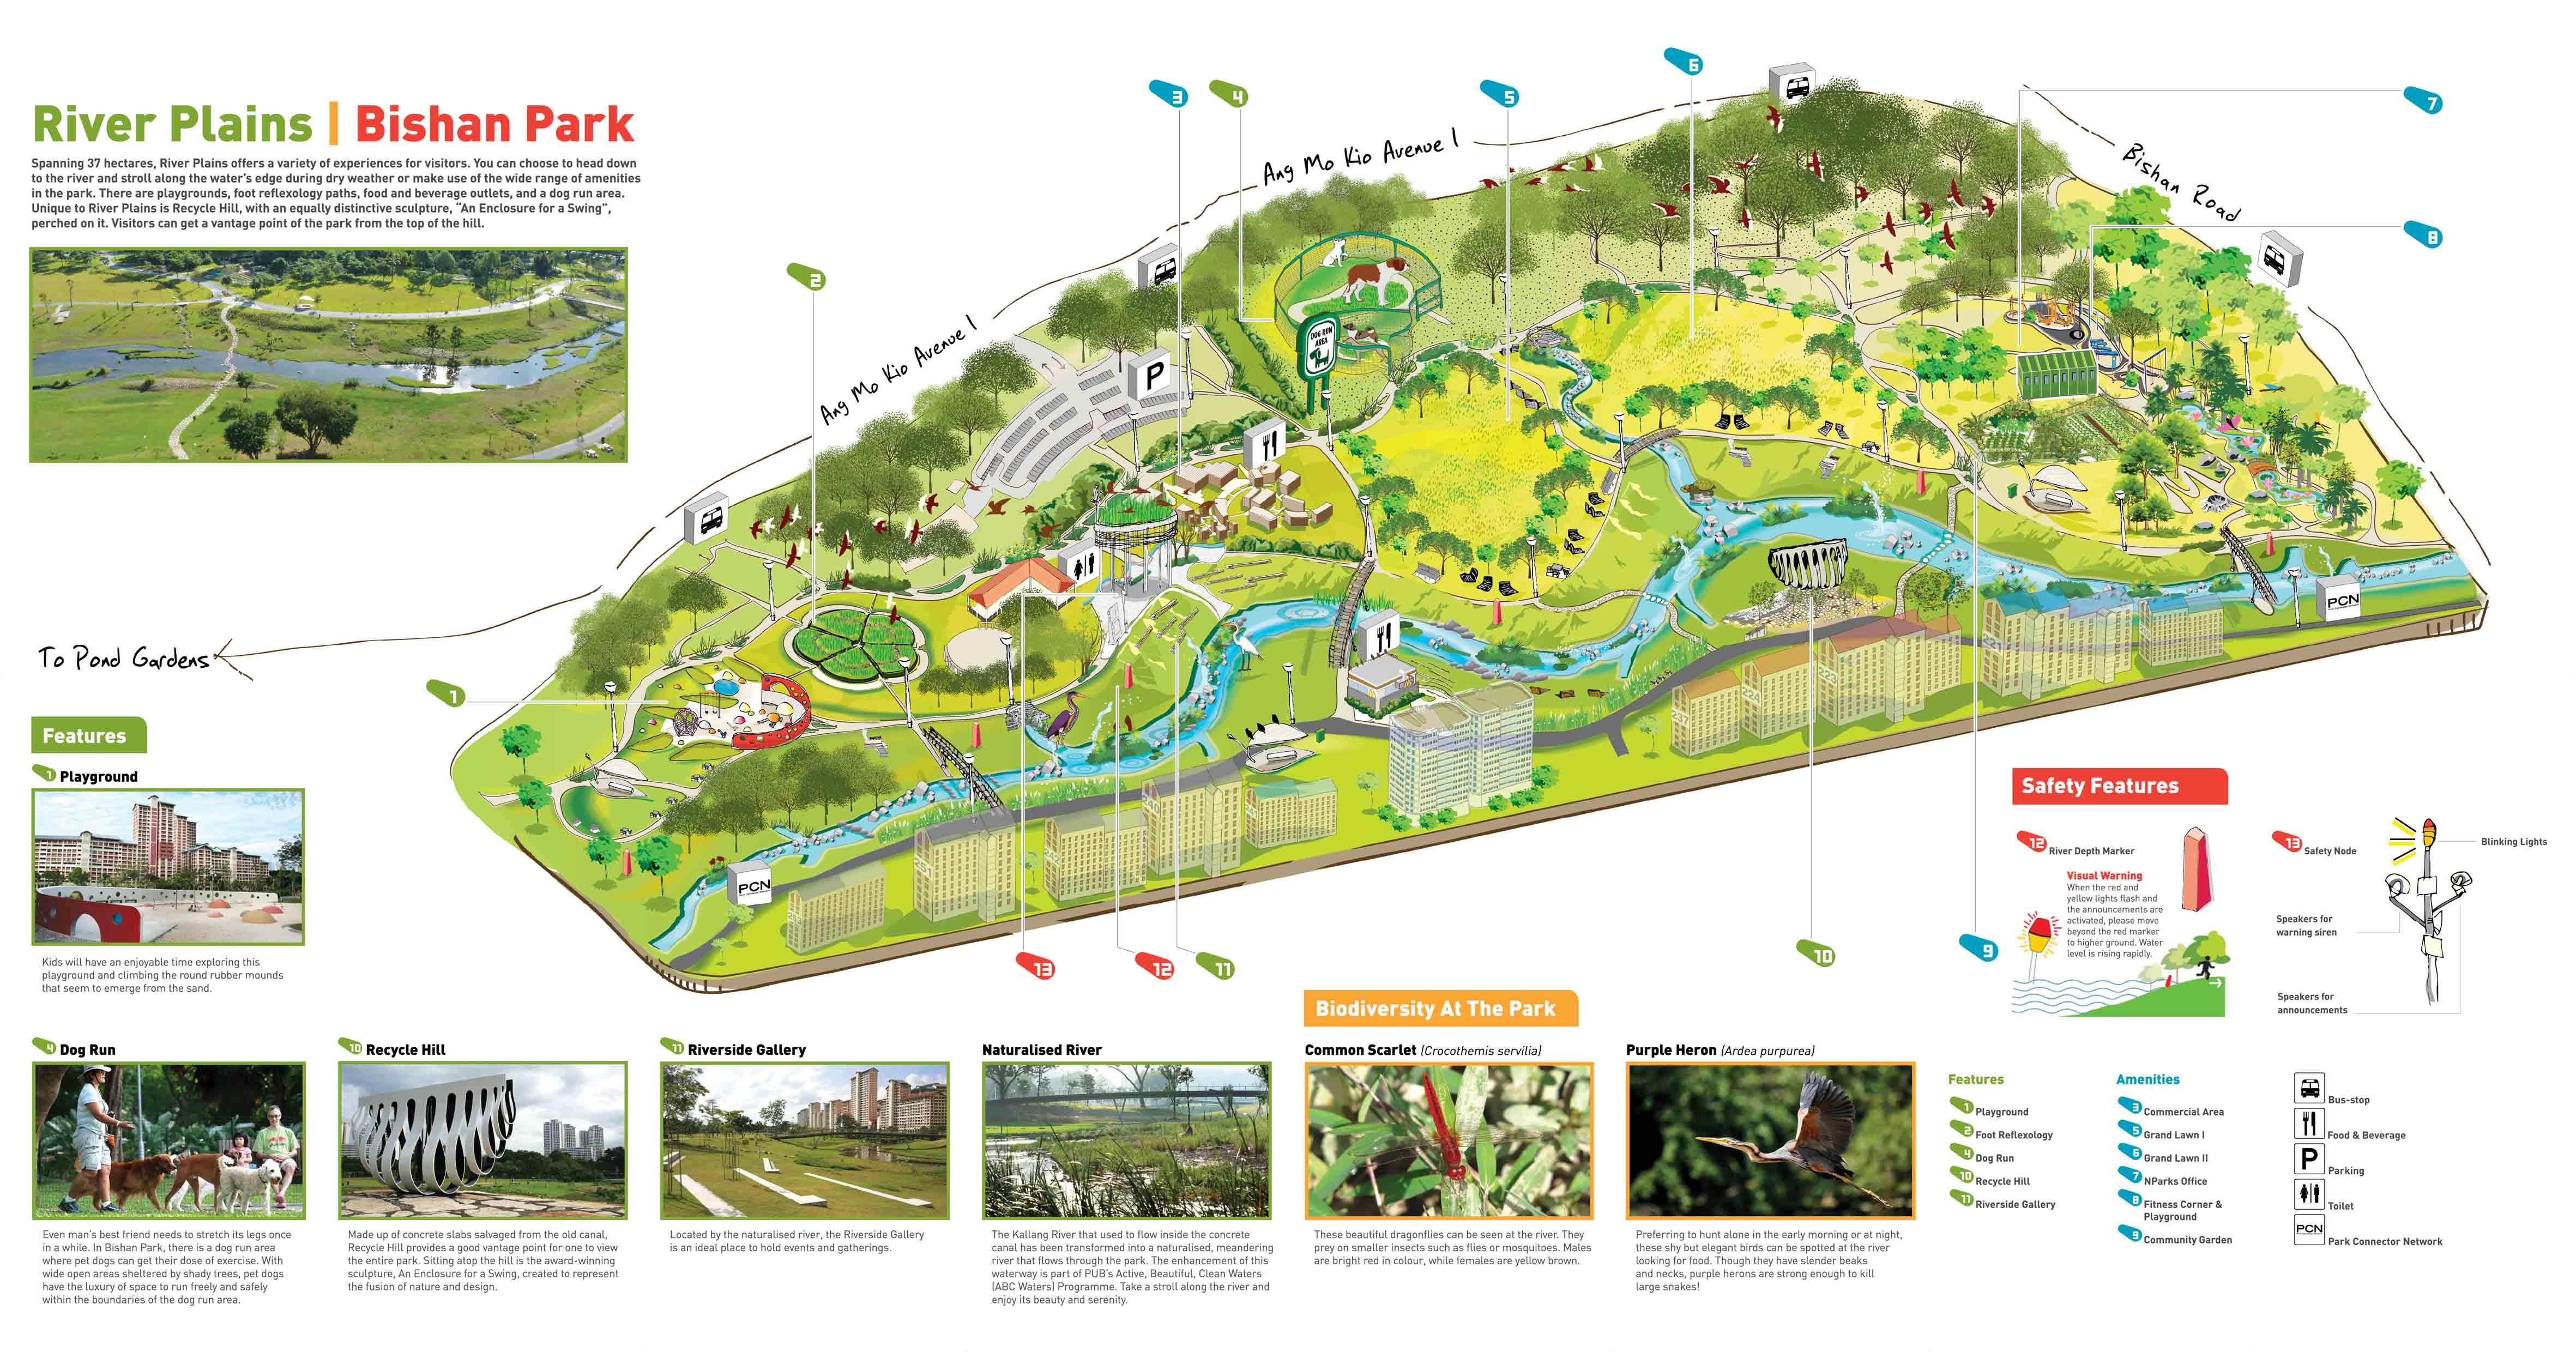 River Plains Bishan Park Lres 1